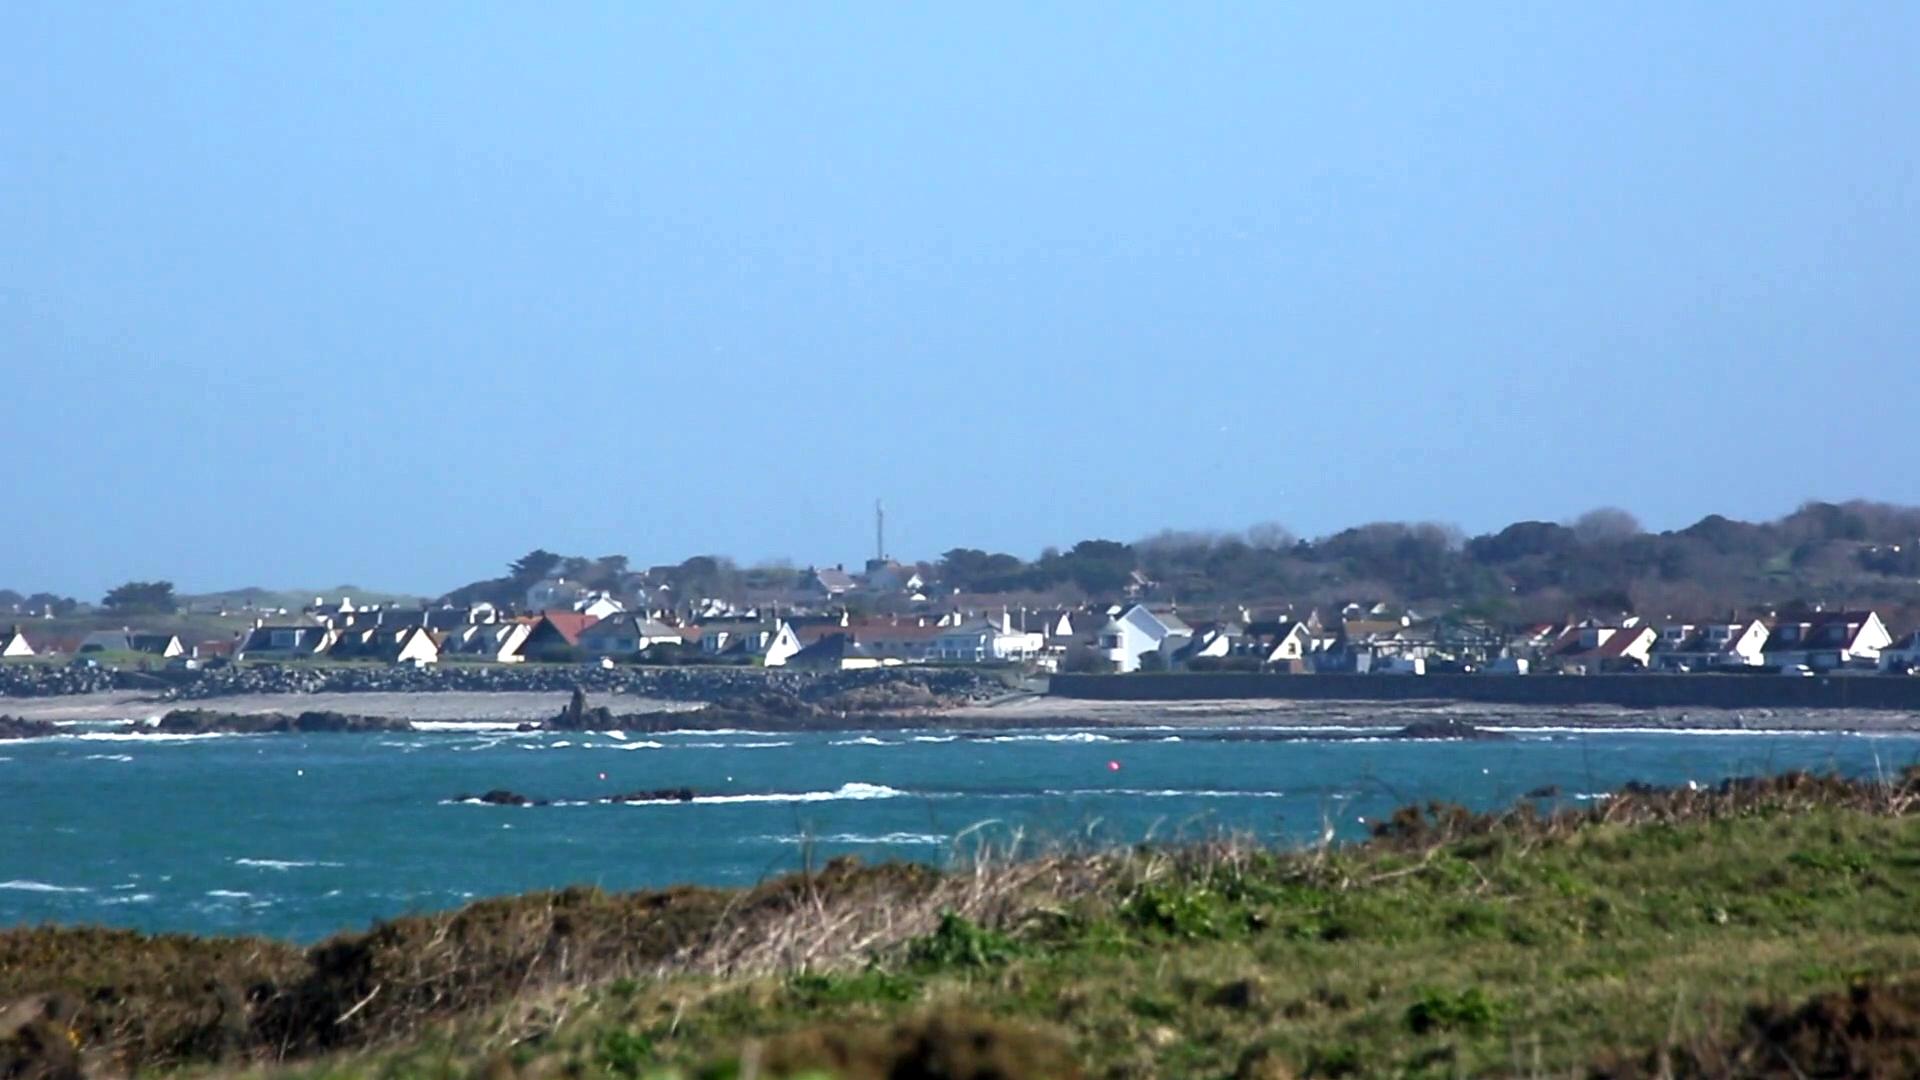 Sea View, Guernsey